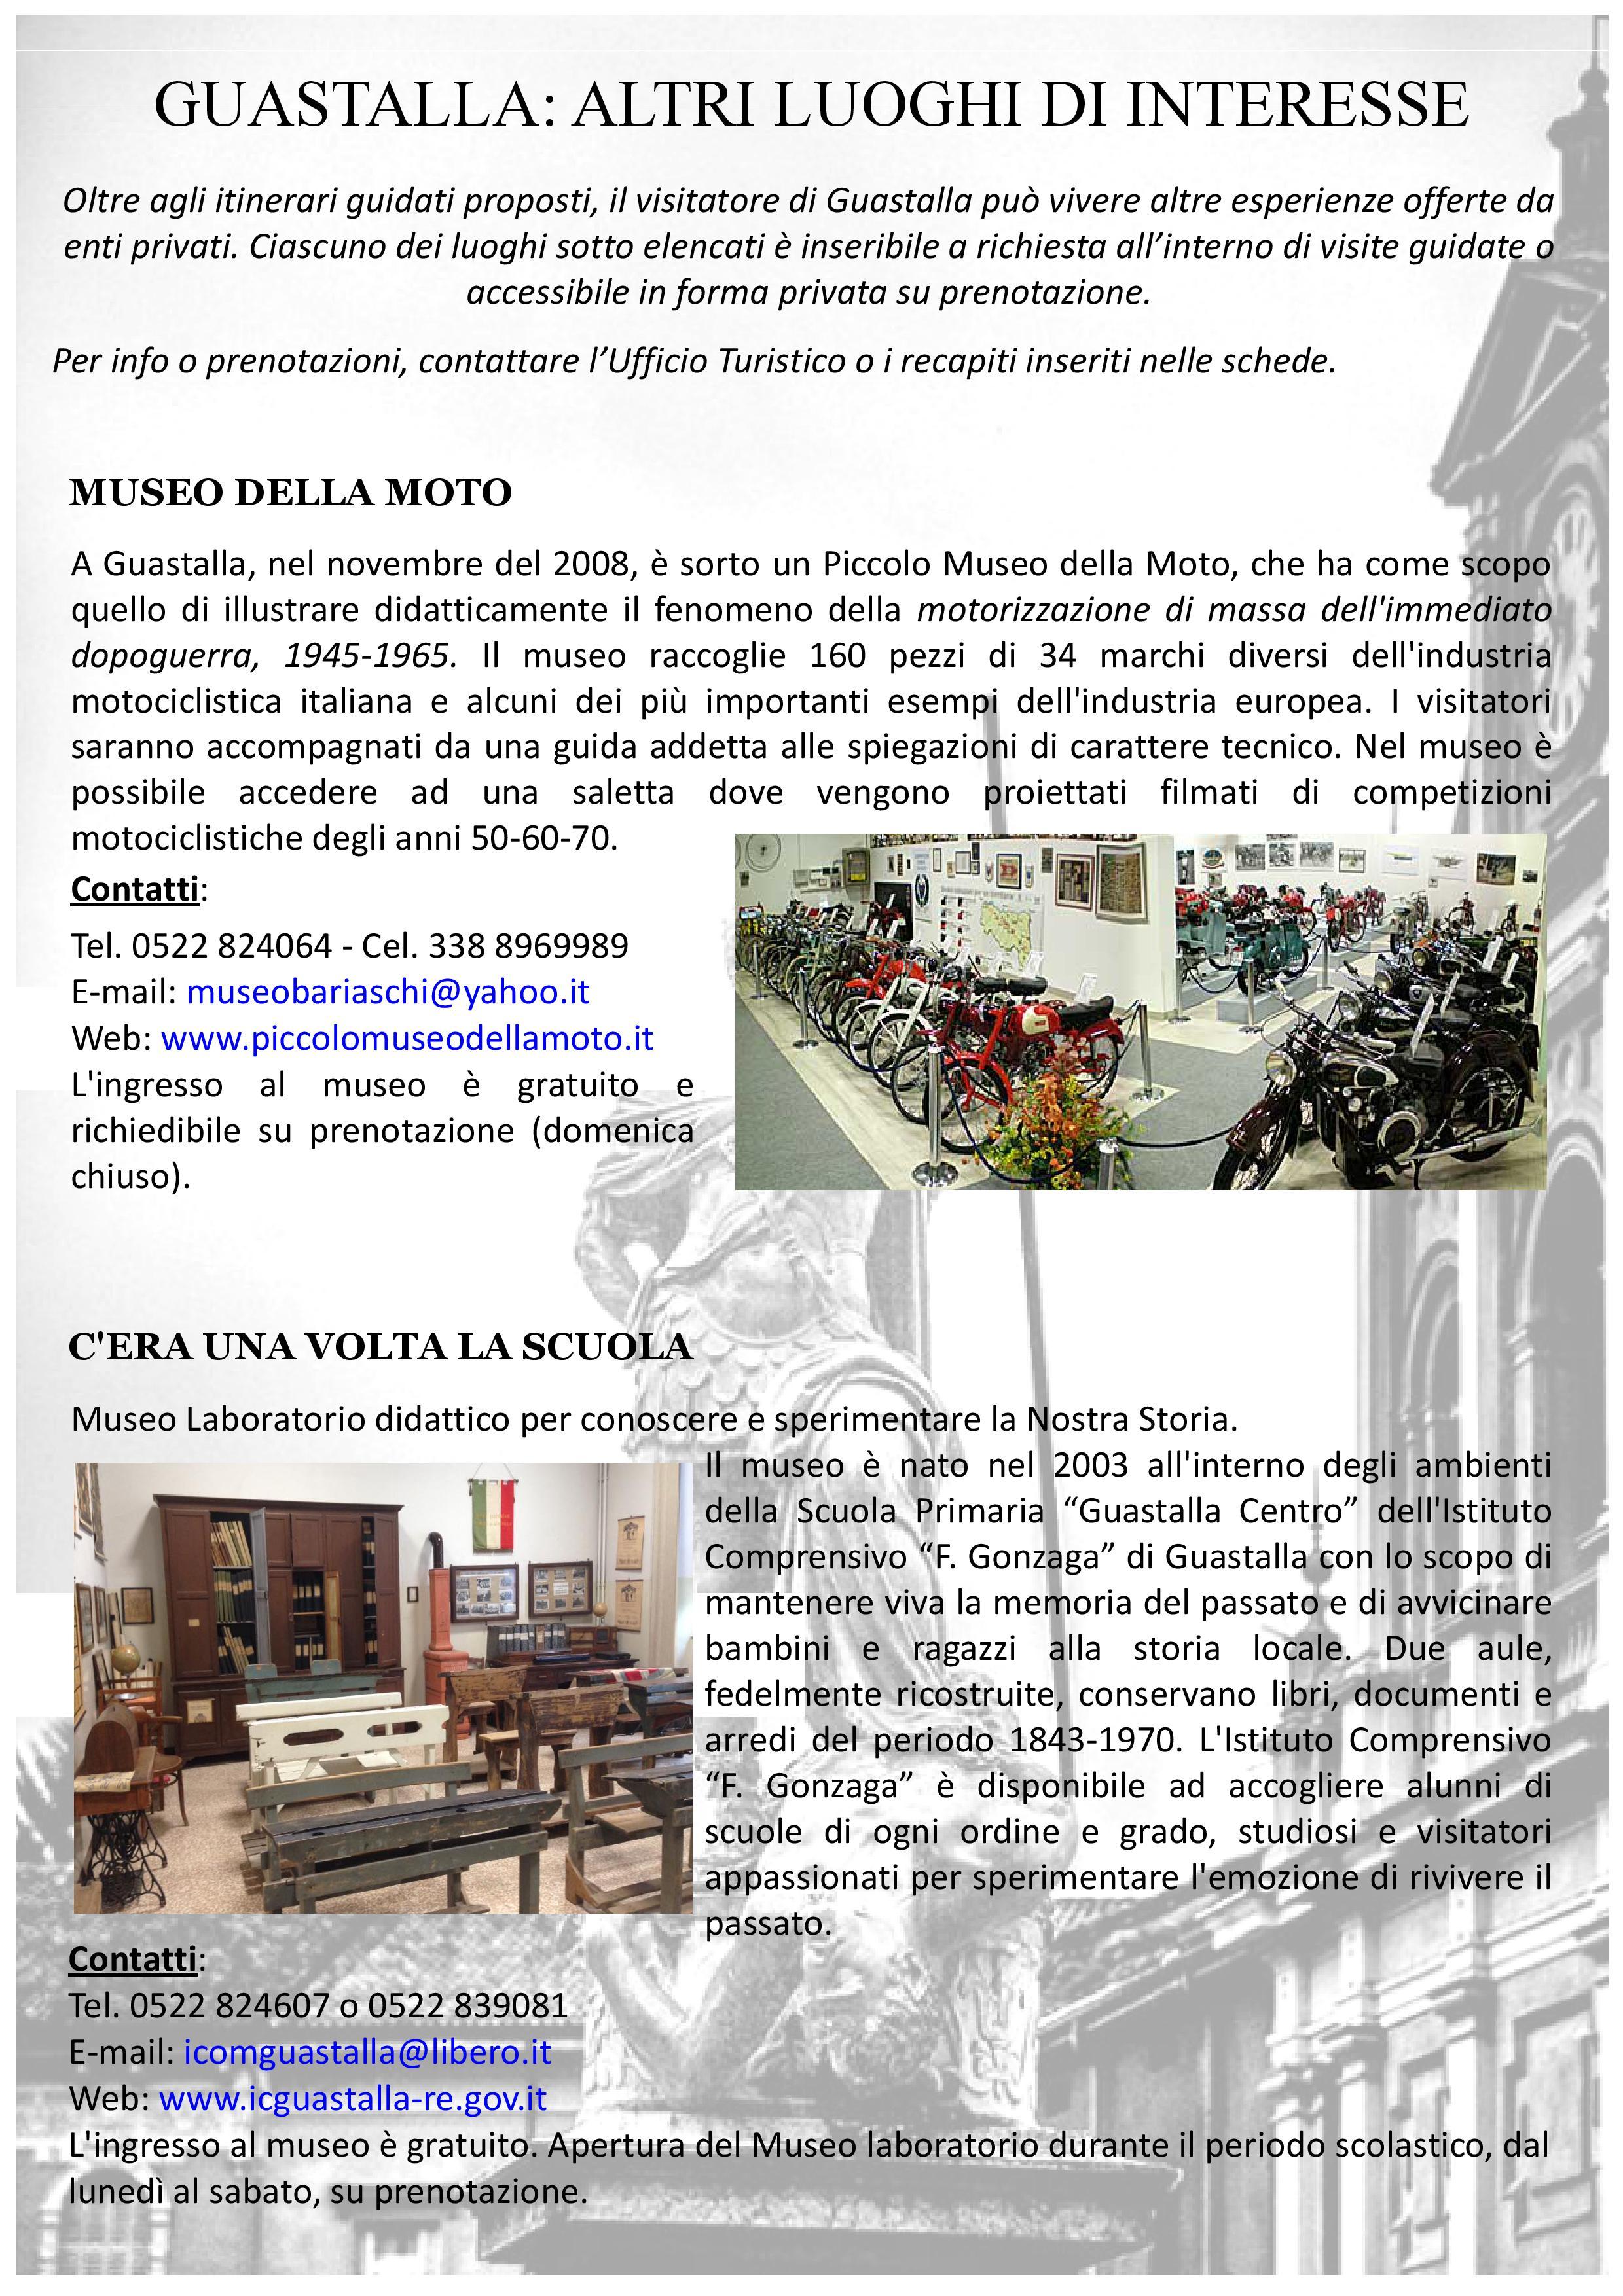 Altri Luoghi di interesse_Museo Moto_Museo Scuola